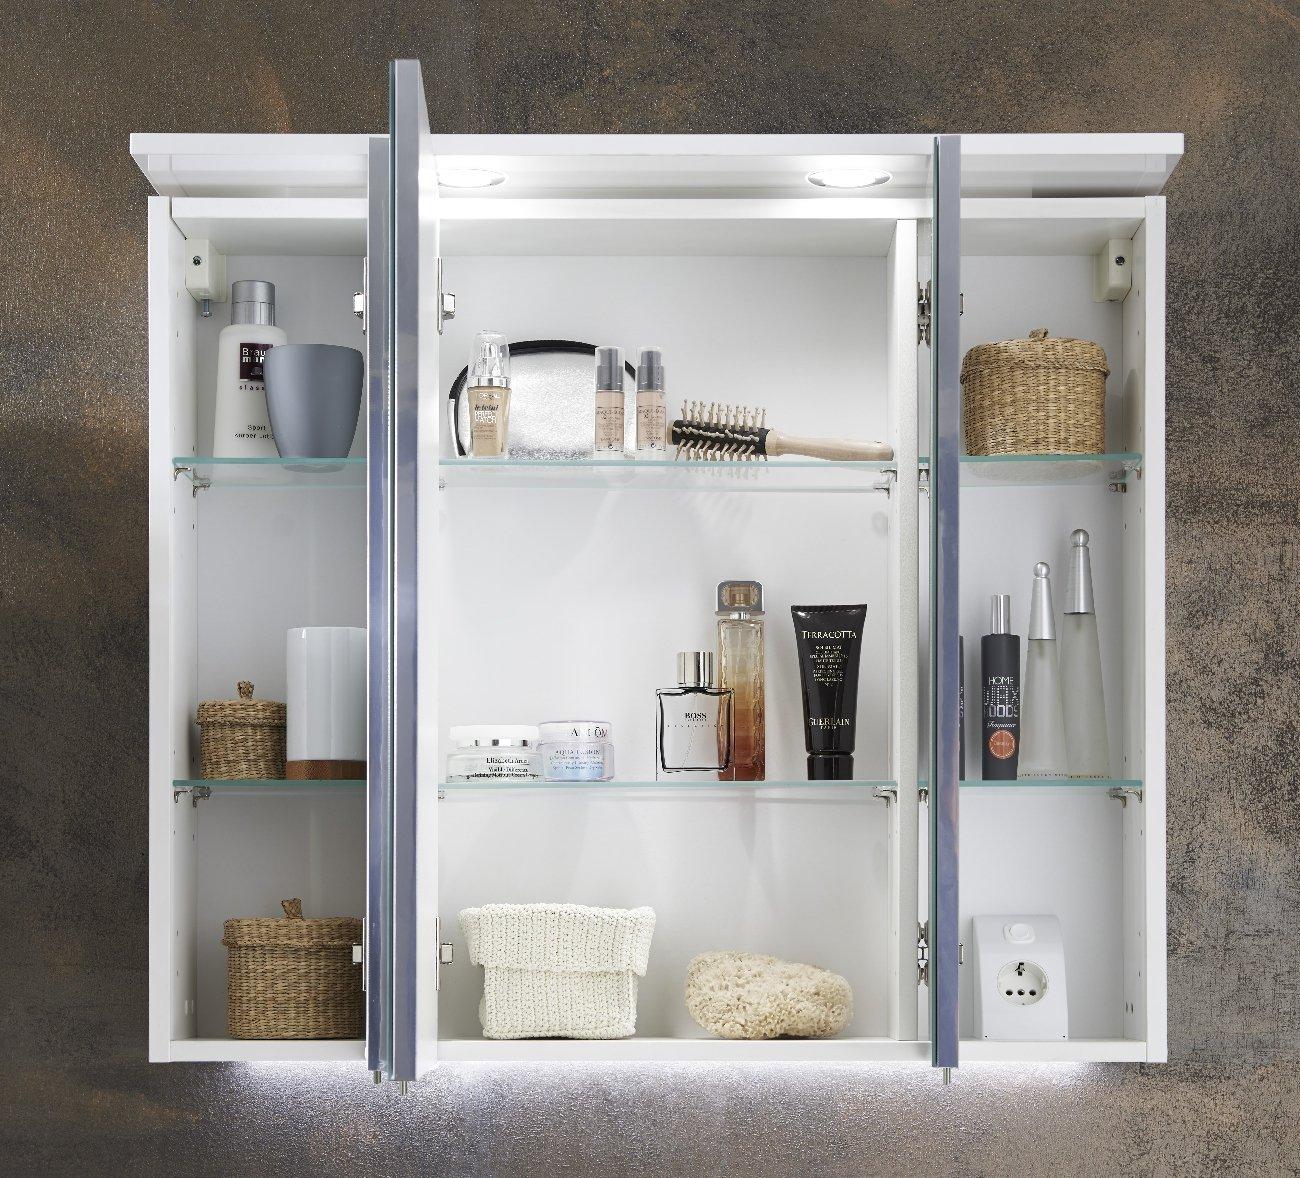 marlin bad 3060 badm bel set g nstig online arcom center. Black Bedroom Furniture Sets. Home Design Ideas